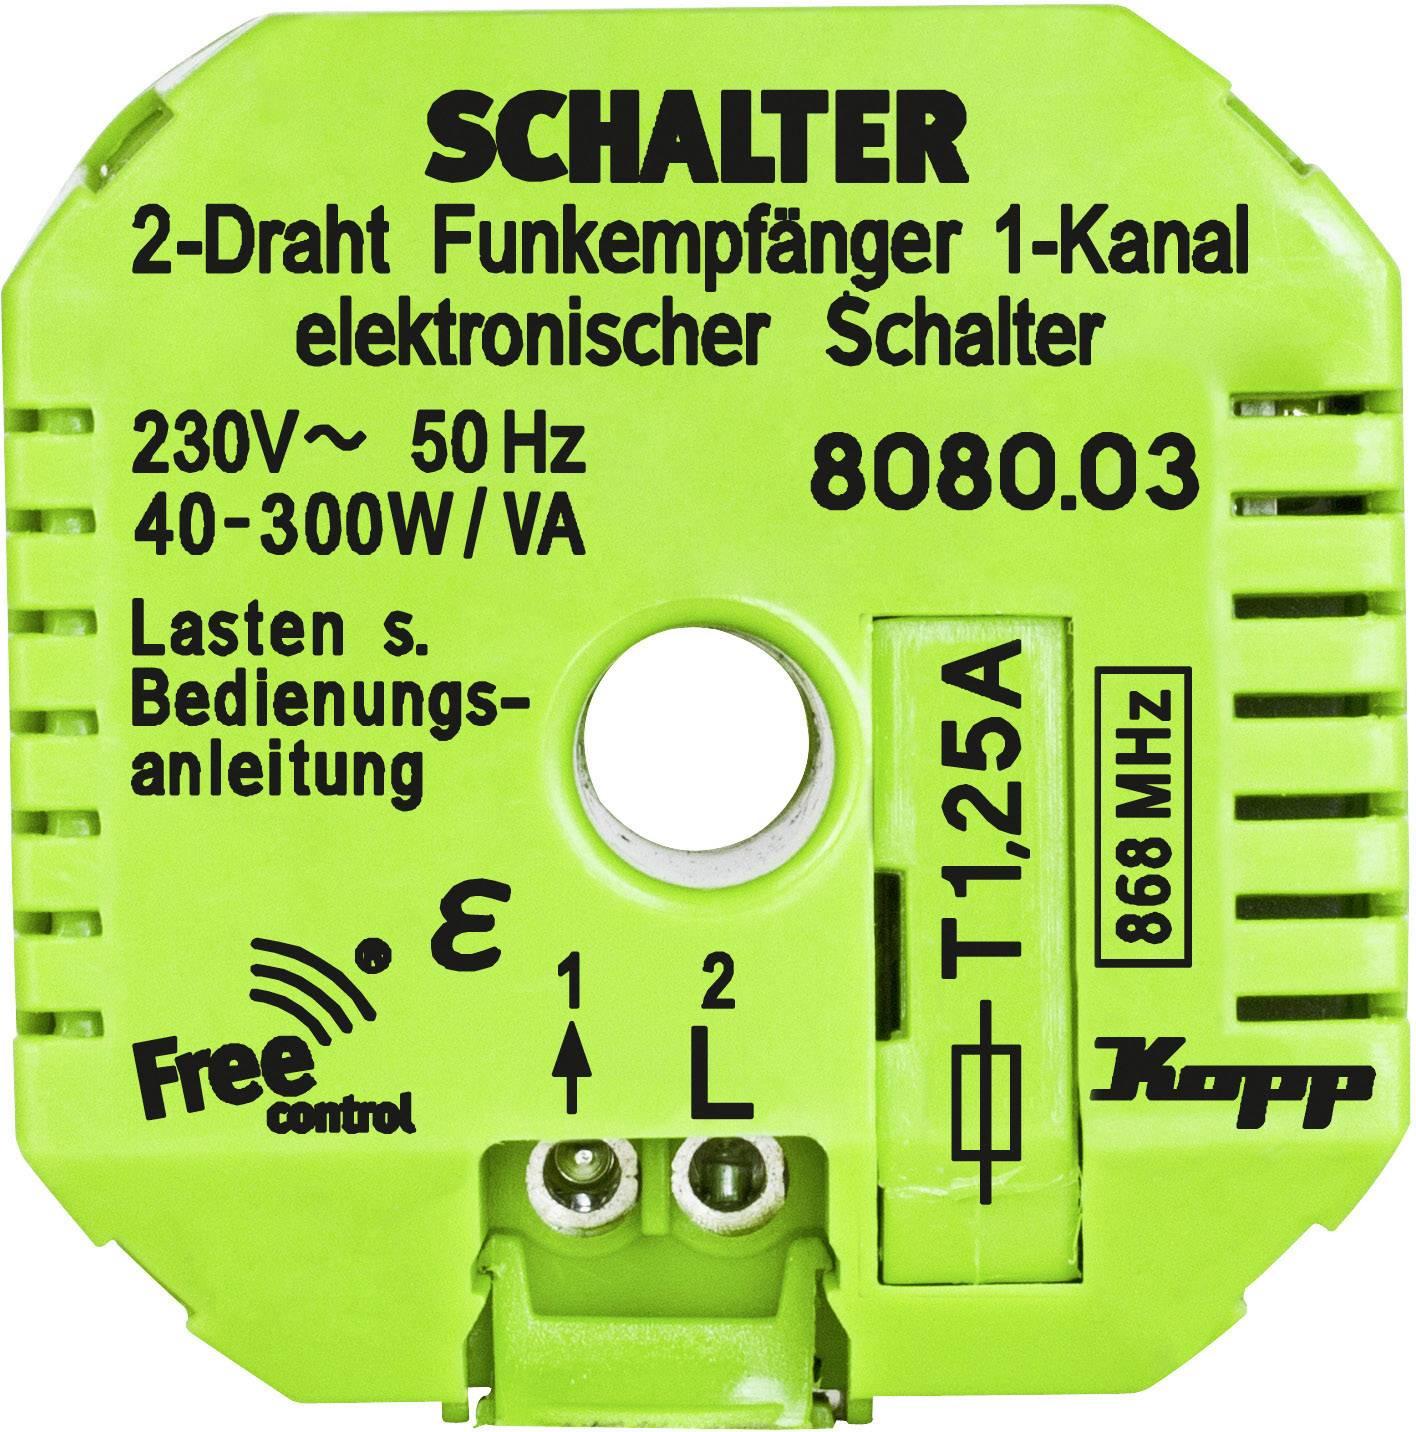 Bezdrôtový prijímač Free Control 808003328, 1-kanálový